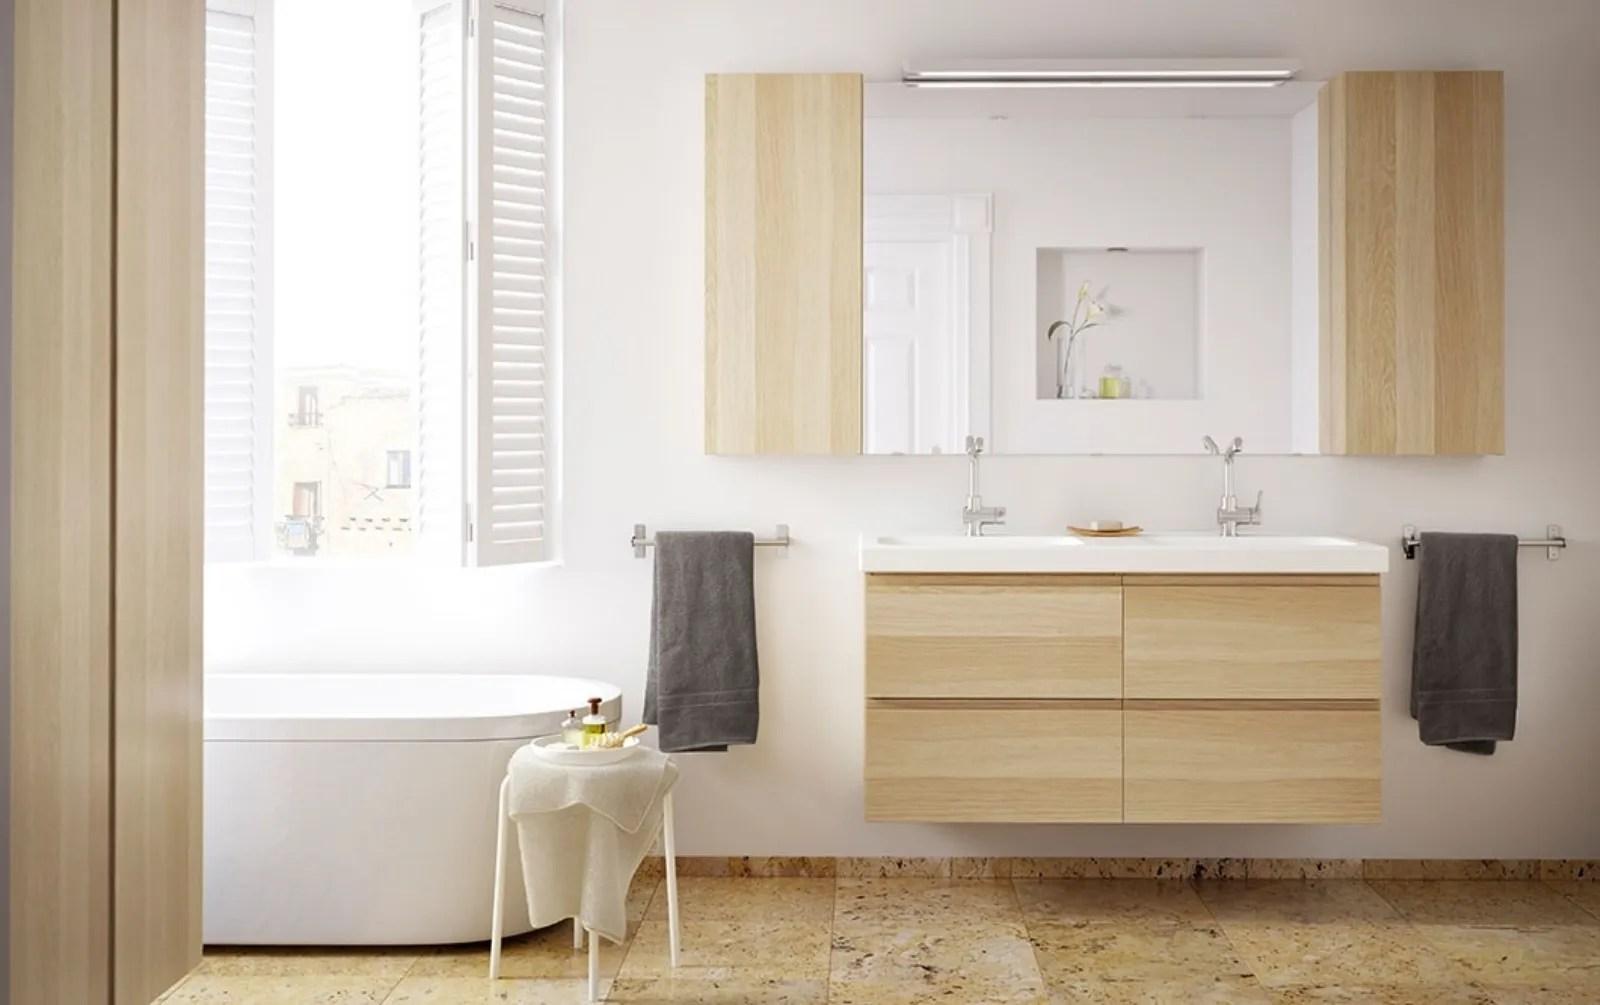 Ikea pensili per il bagno  Arredo Bagno